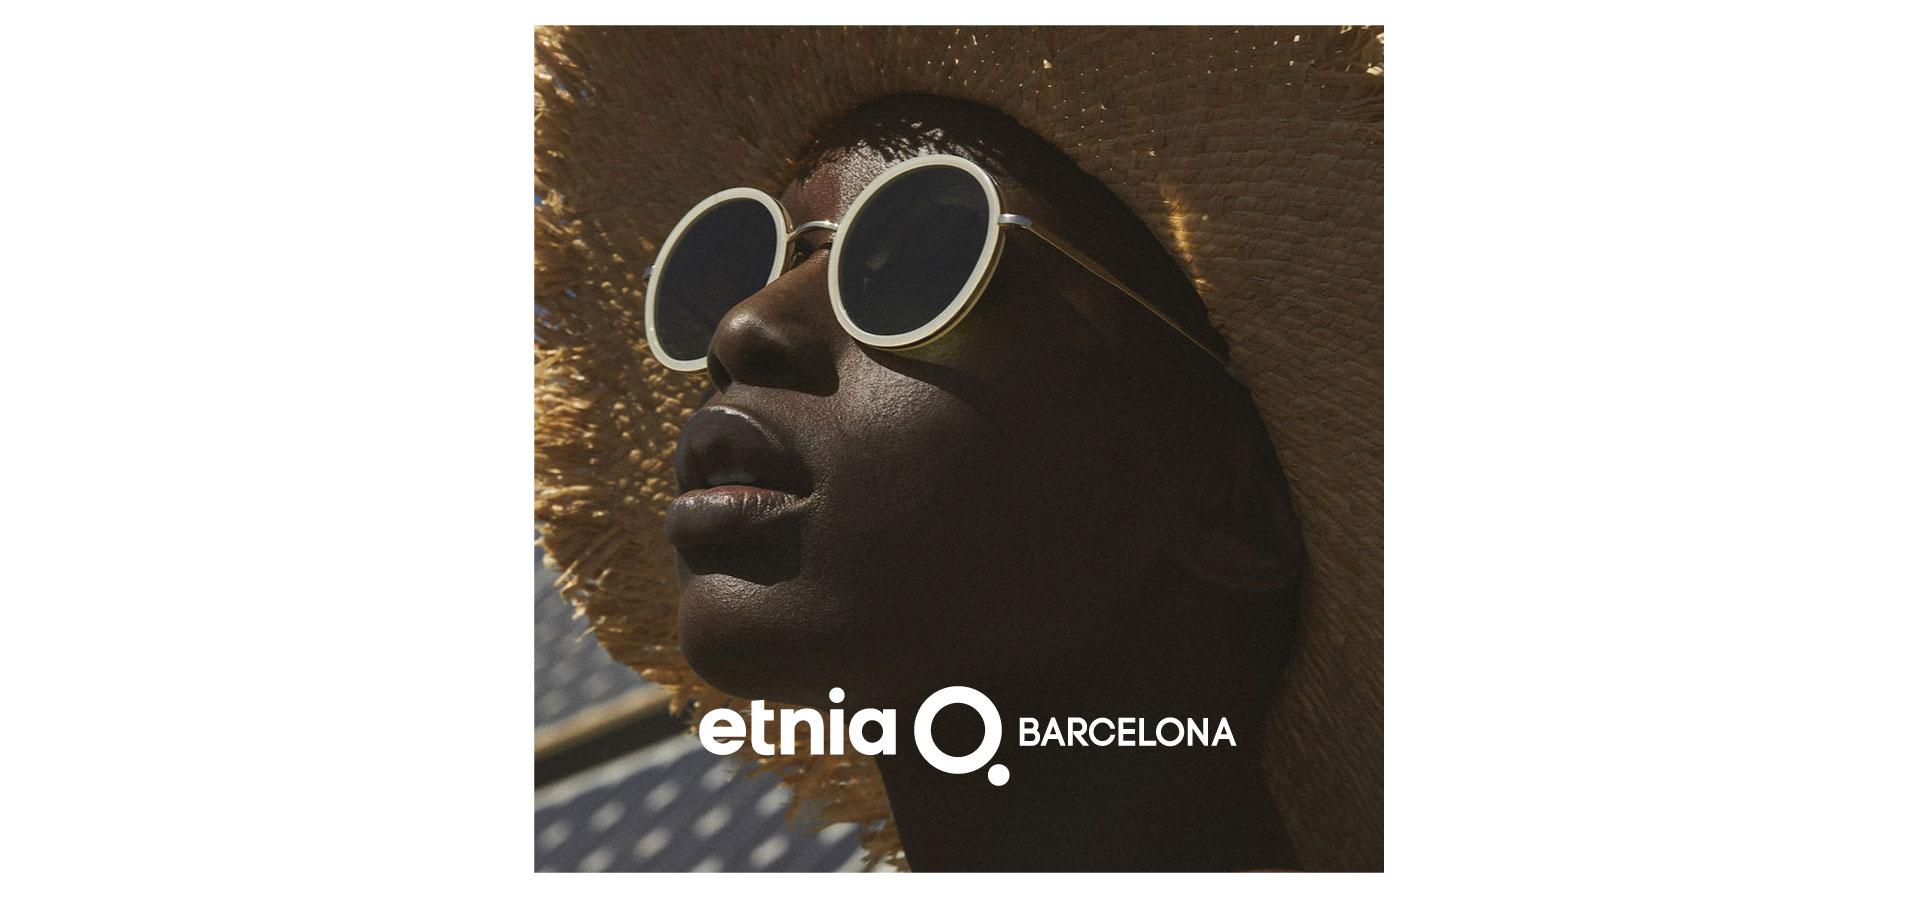 Ulleres de Sol Etnia Barcelona | Nova Colec·ció